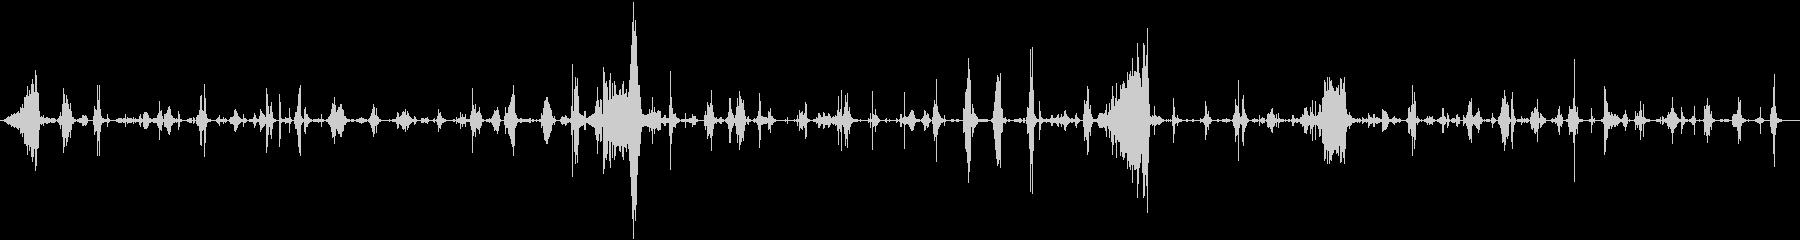 ビッグチョップスアンドスロッピーチ...の未再生の波形